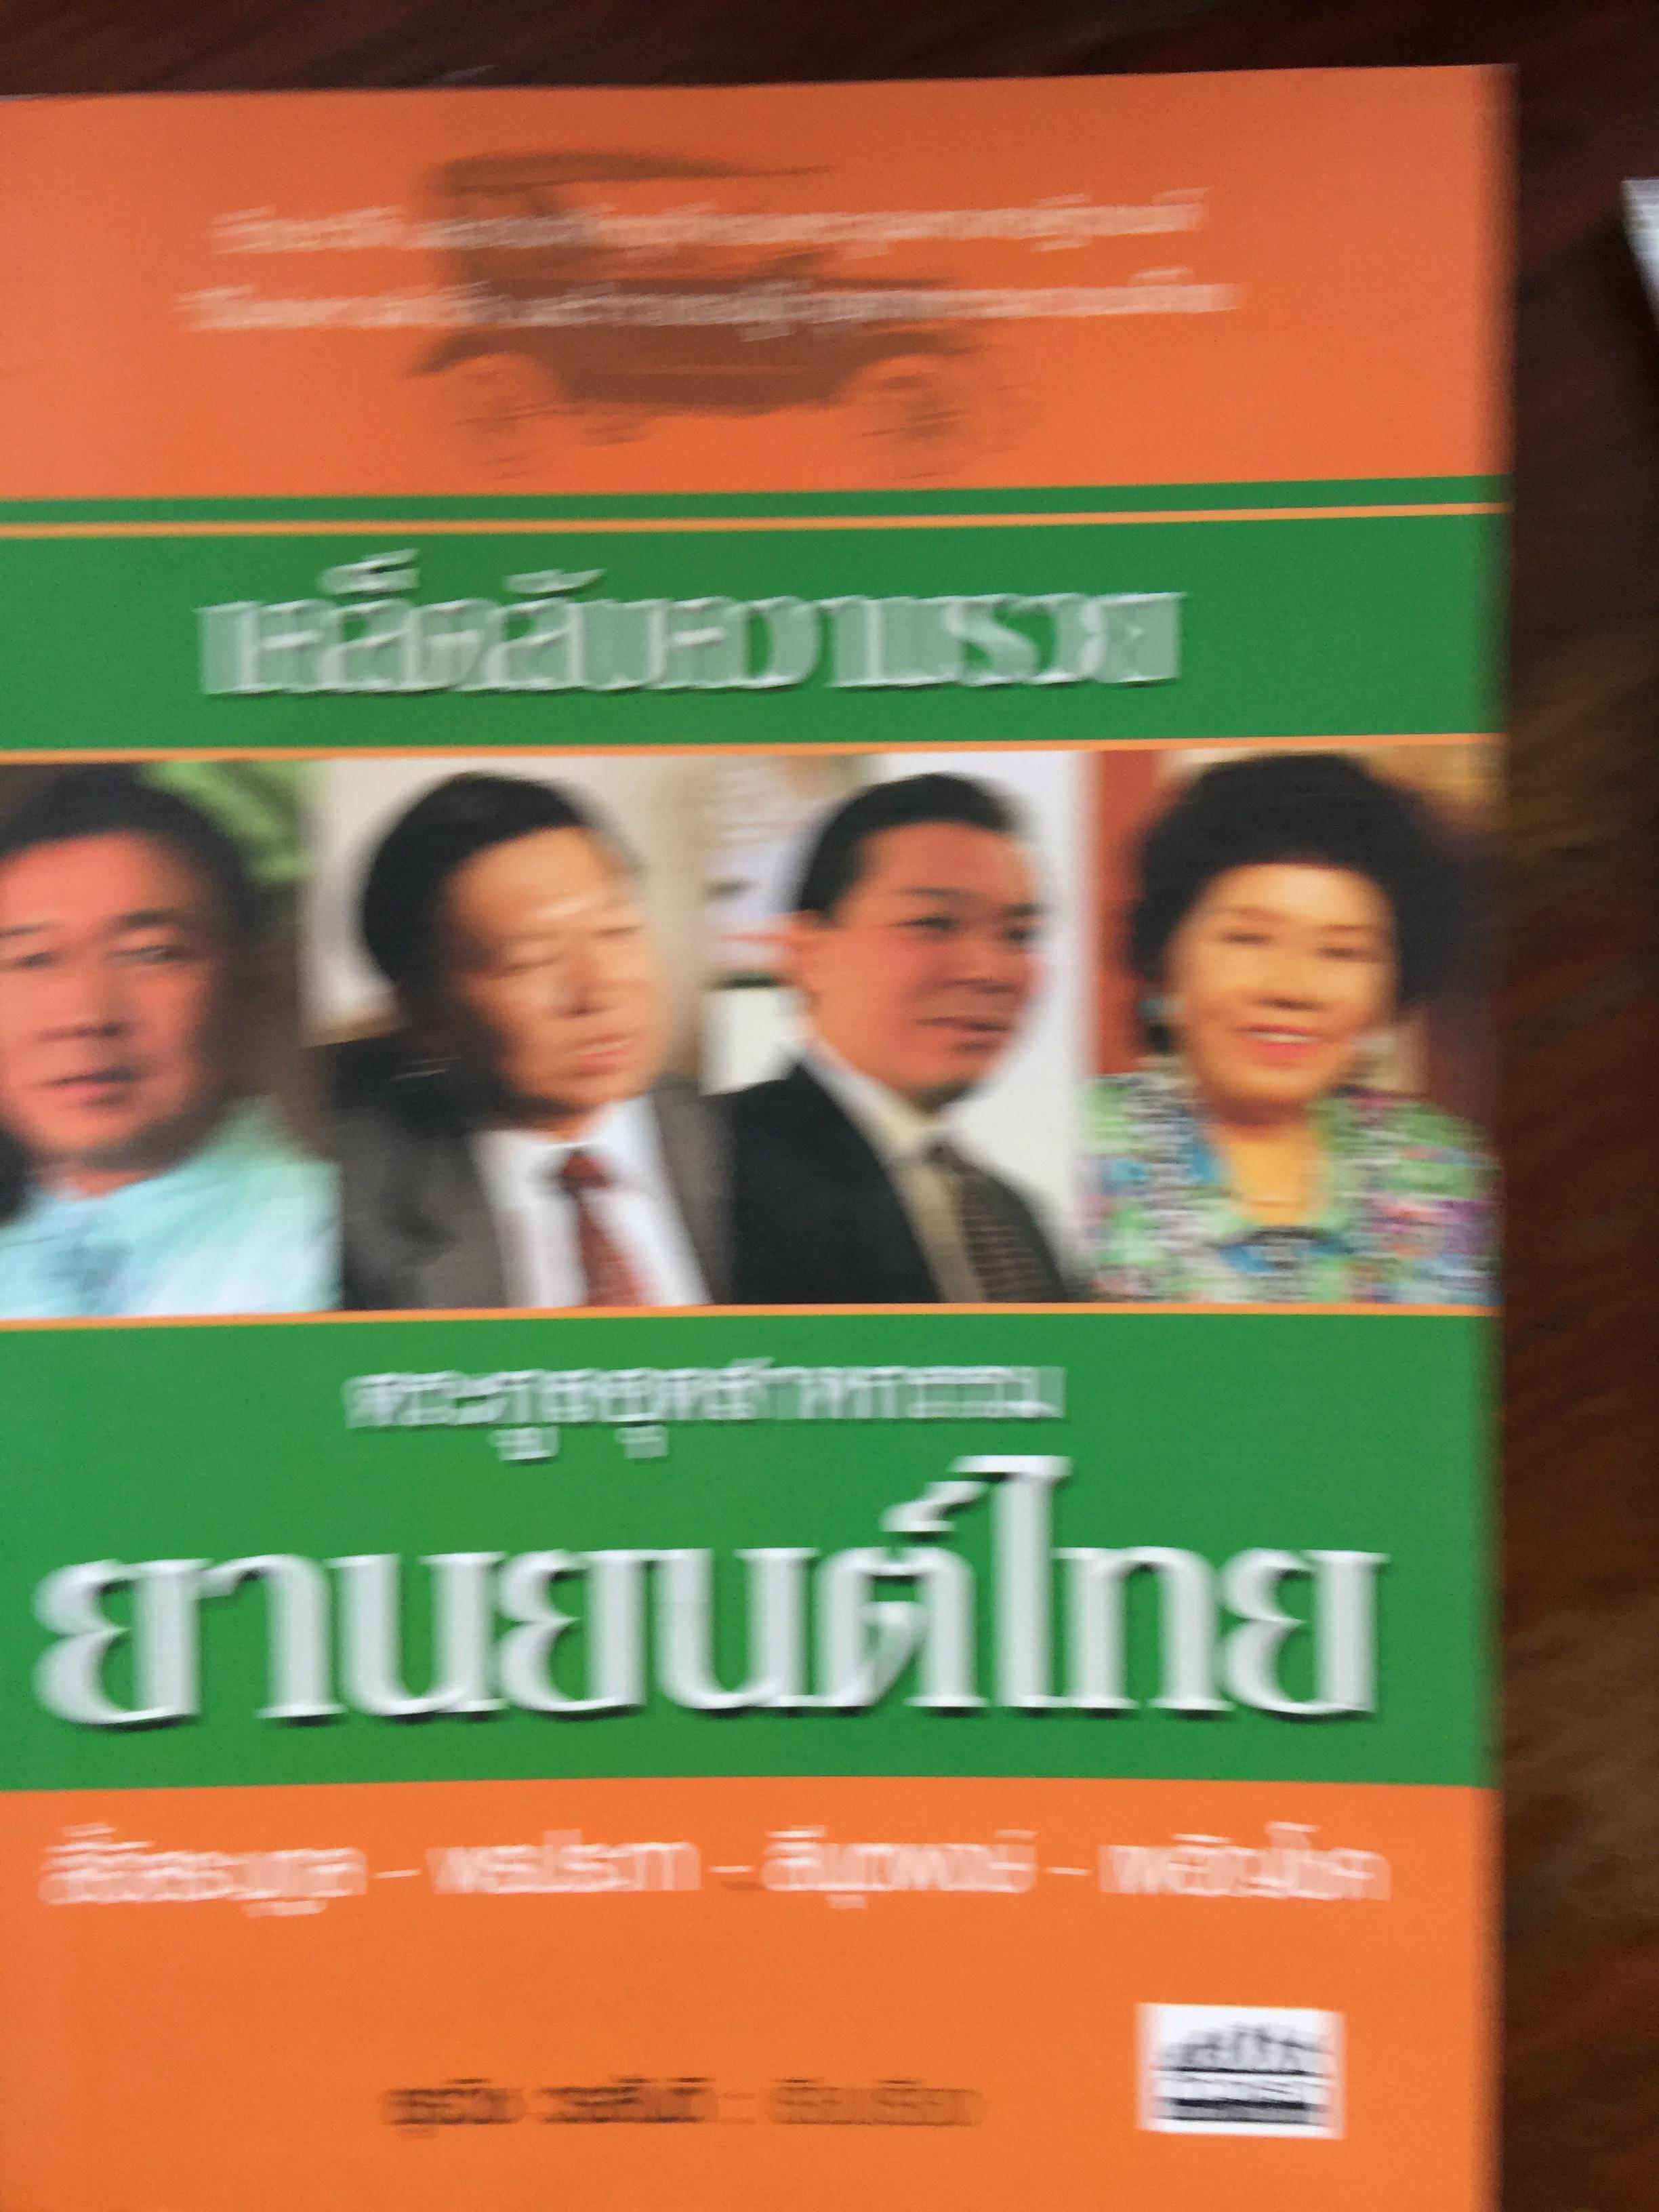 เคล็ความรวย ตระกูลอุตสาหกรรม ยานยนต์ไทย ลี้อิสระนุกูล • พรประภา • ลีนุตพงษ์ •. เผอิญโชค. ธุระวิช วรสันติ. เรียบเรียง